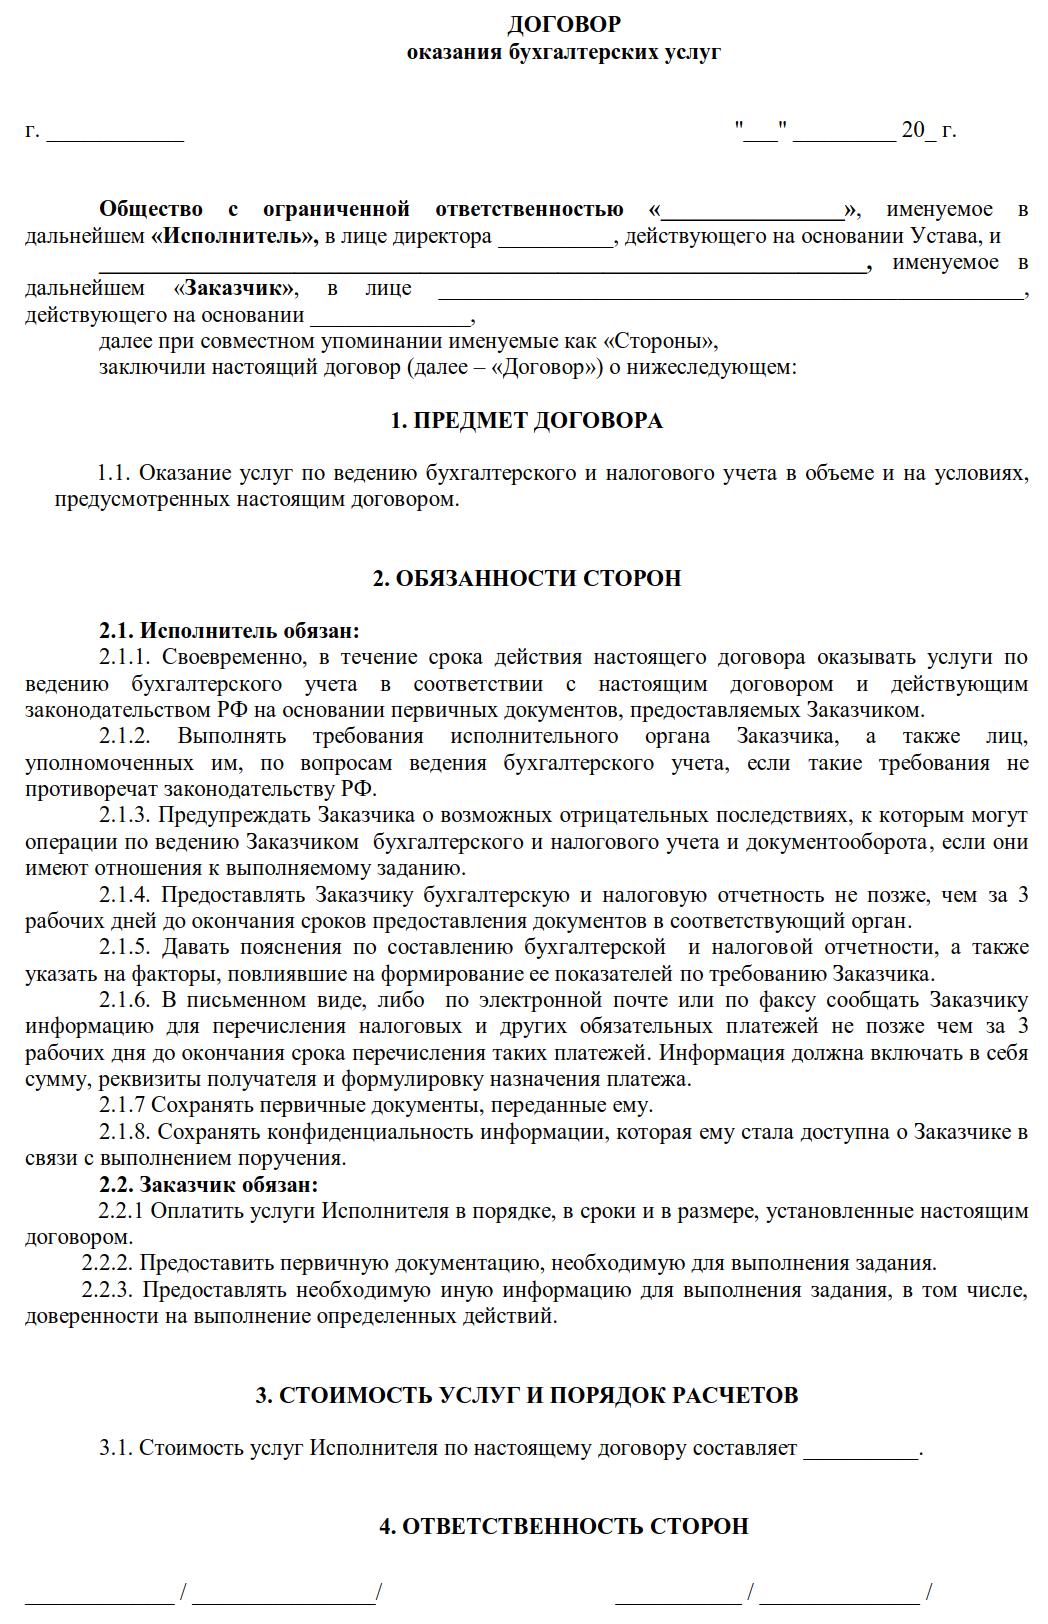 Образец договора возмездного оказания бухгалтерских услуг.